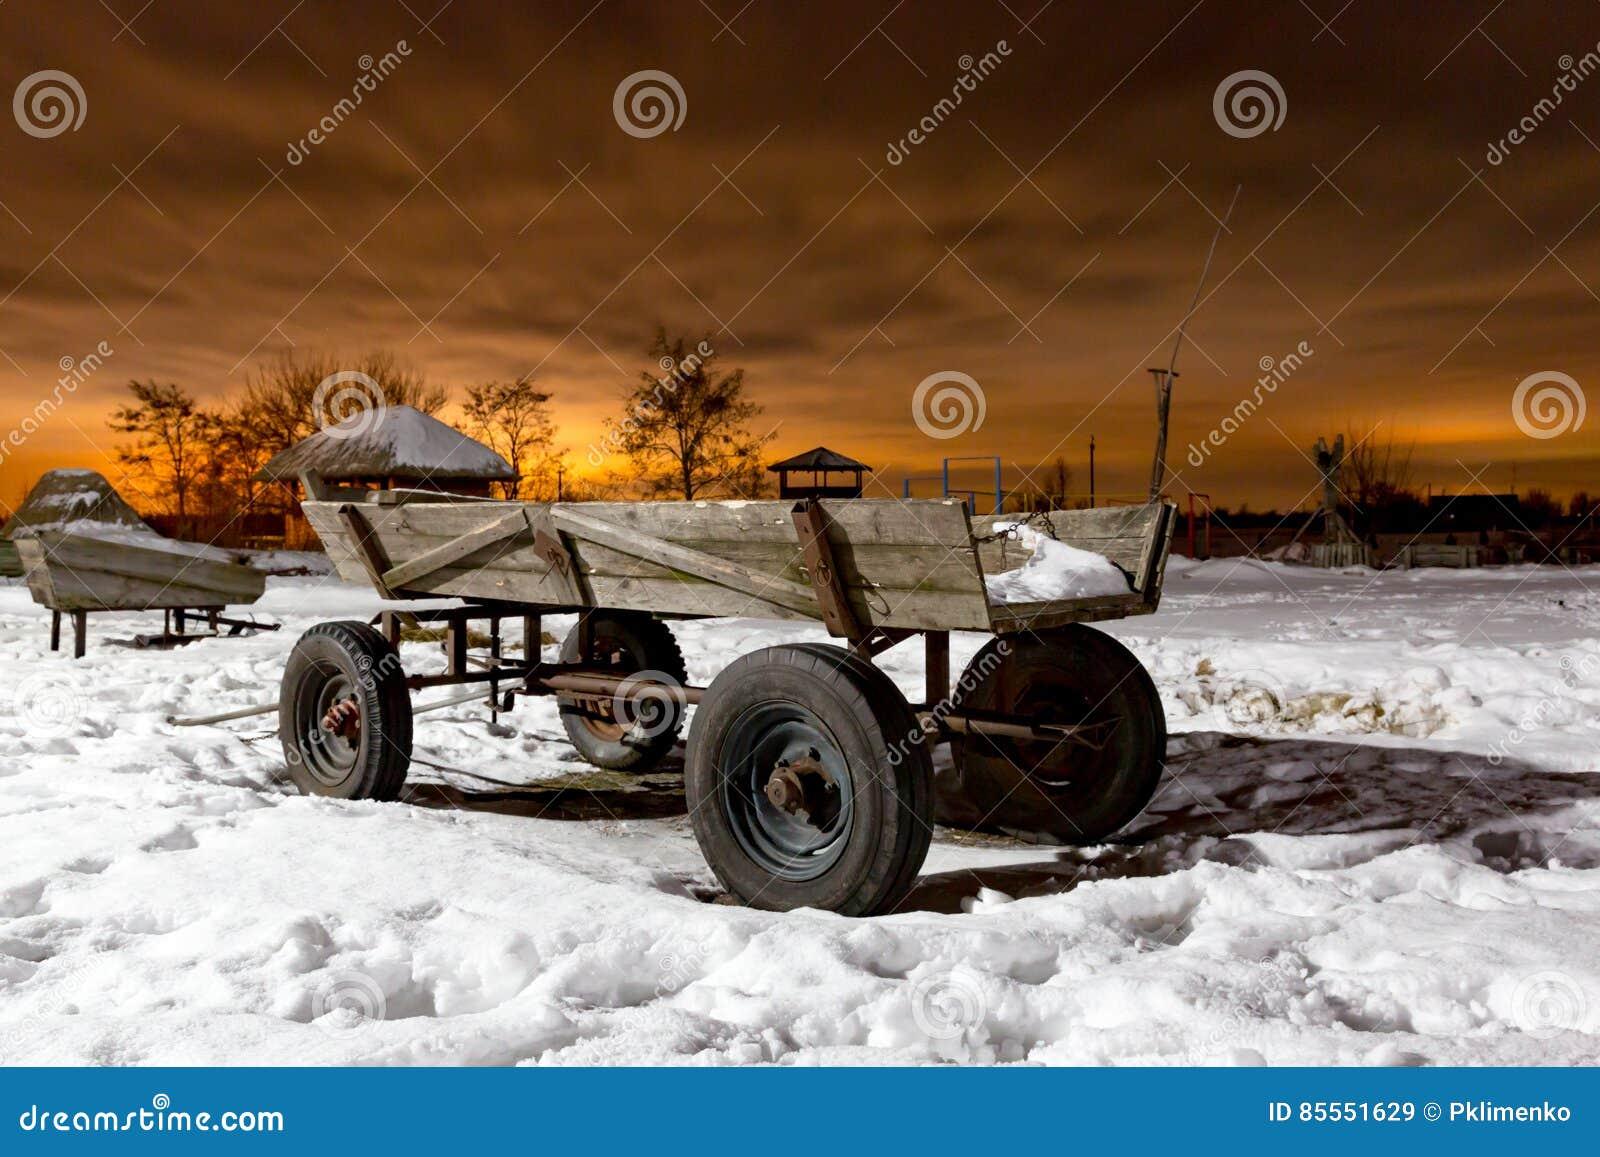 Bauernhoflastwagen am Abend